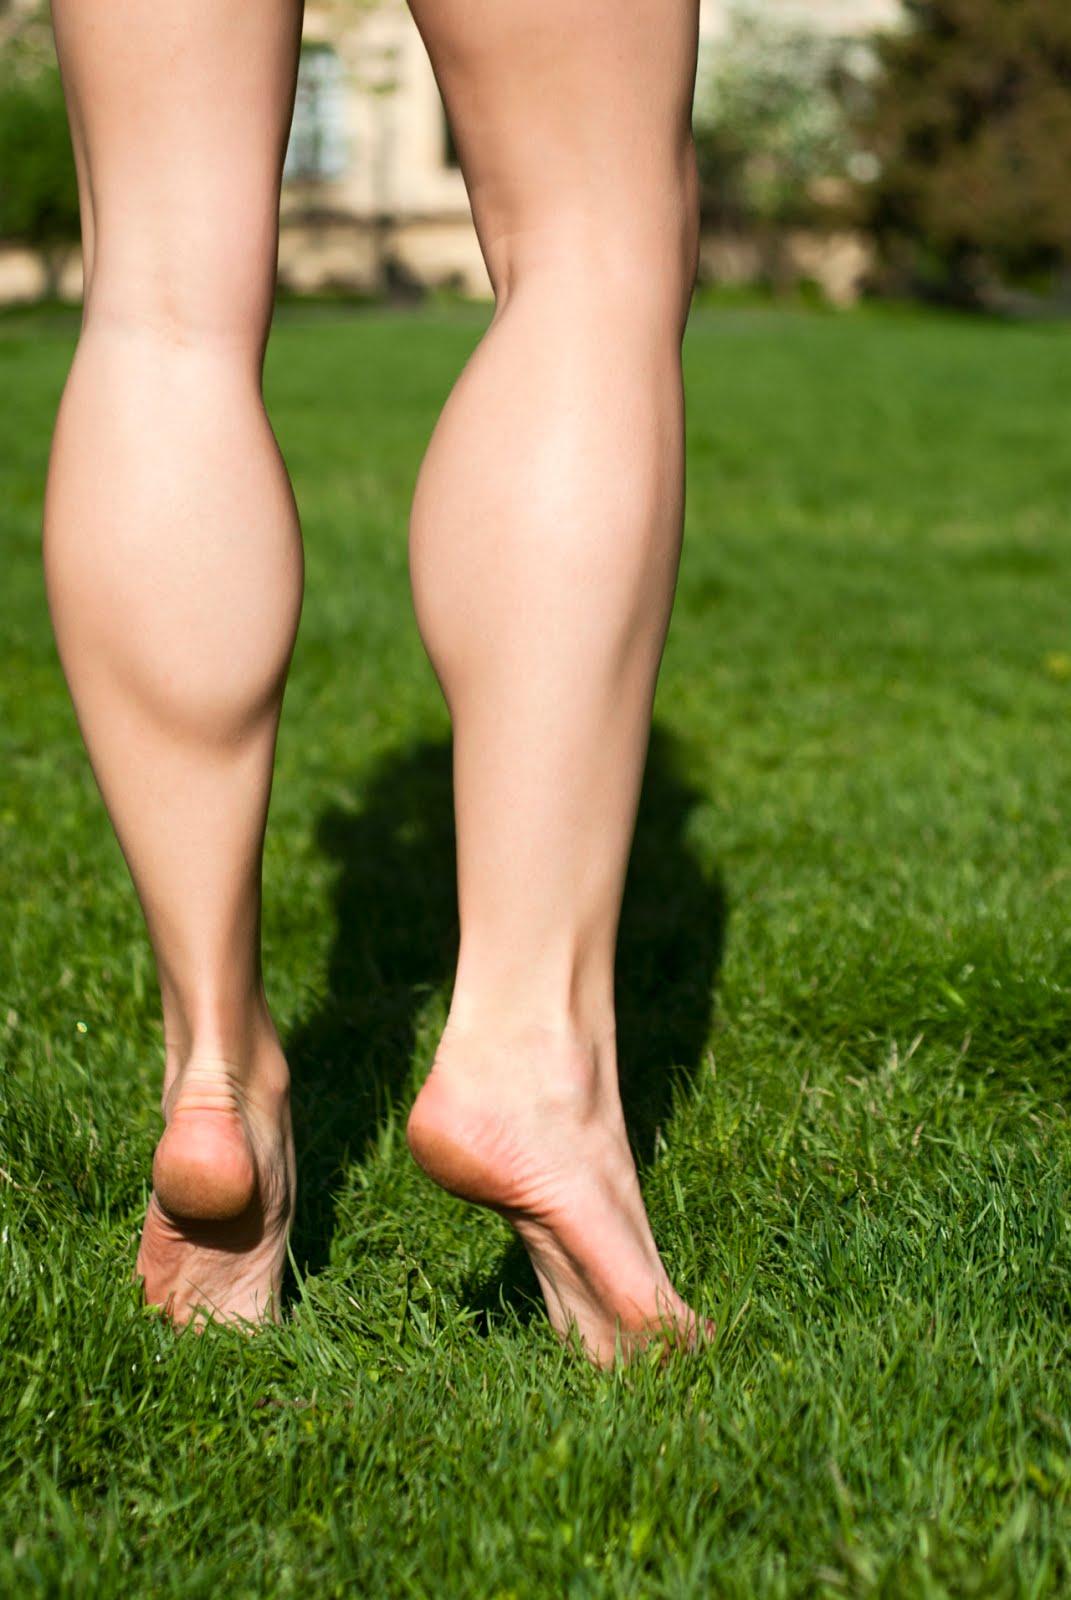 женские икры ног фото